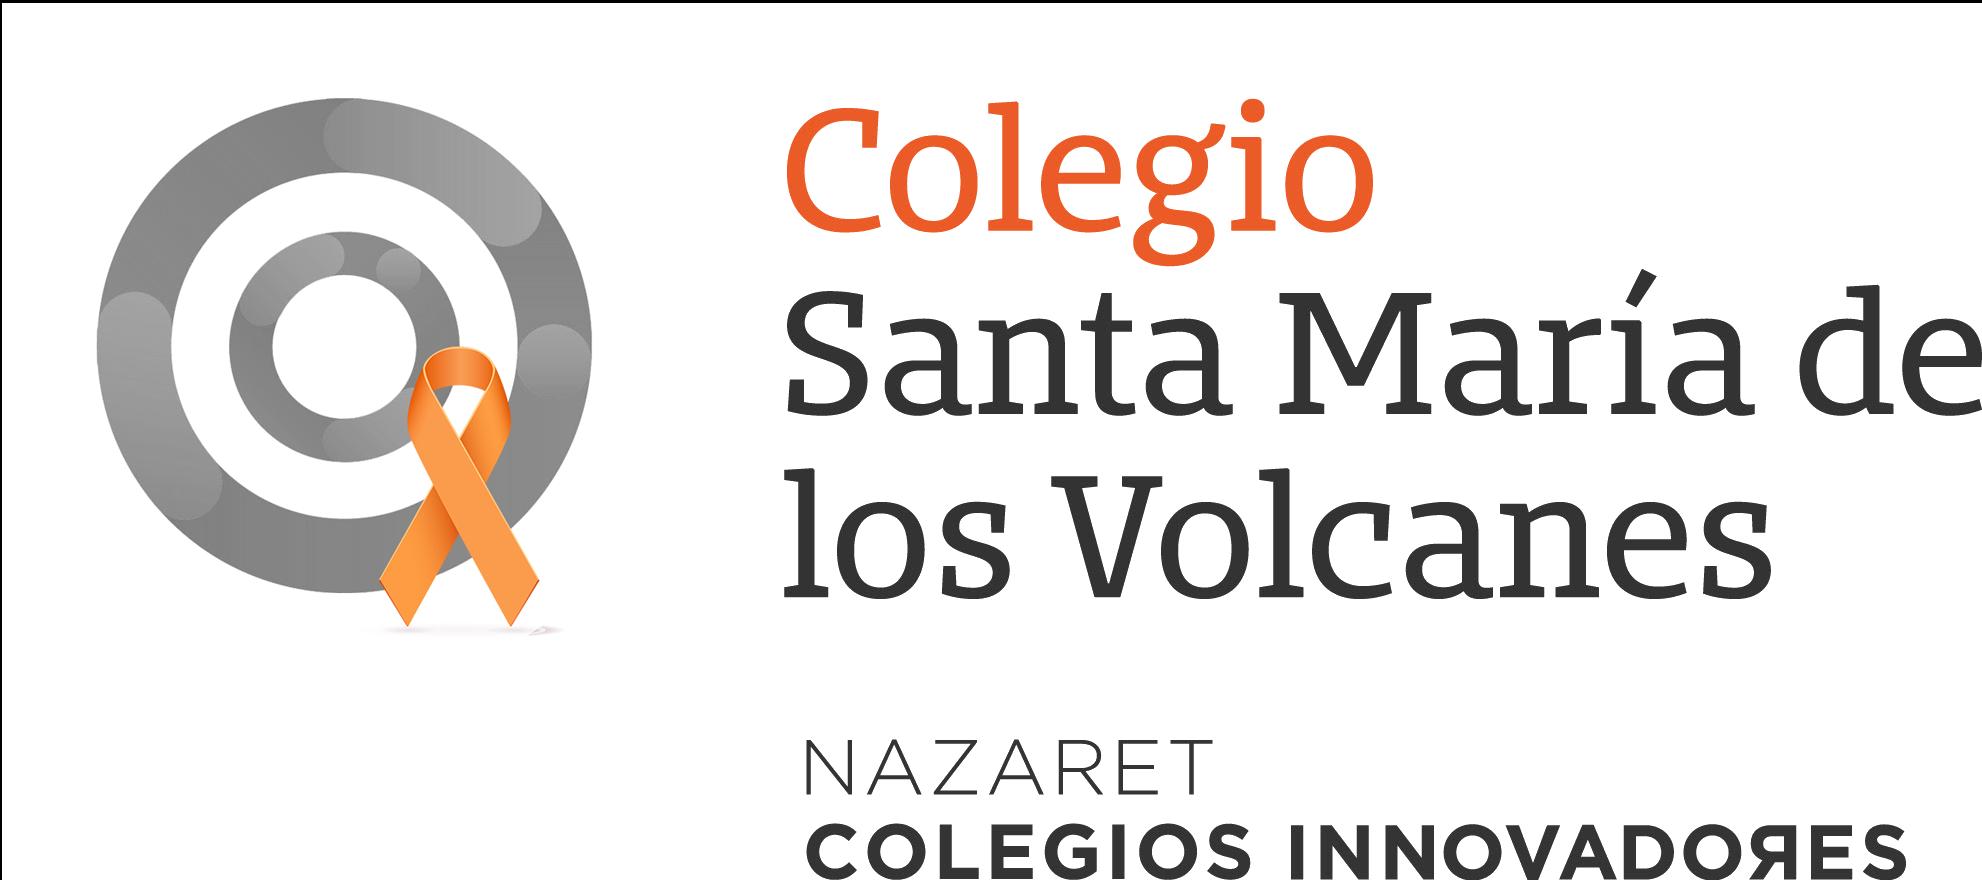 Colegio Santa María de los Volcanes